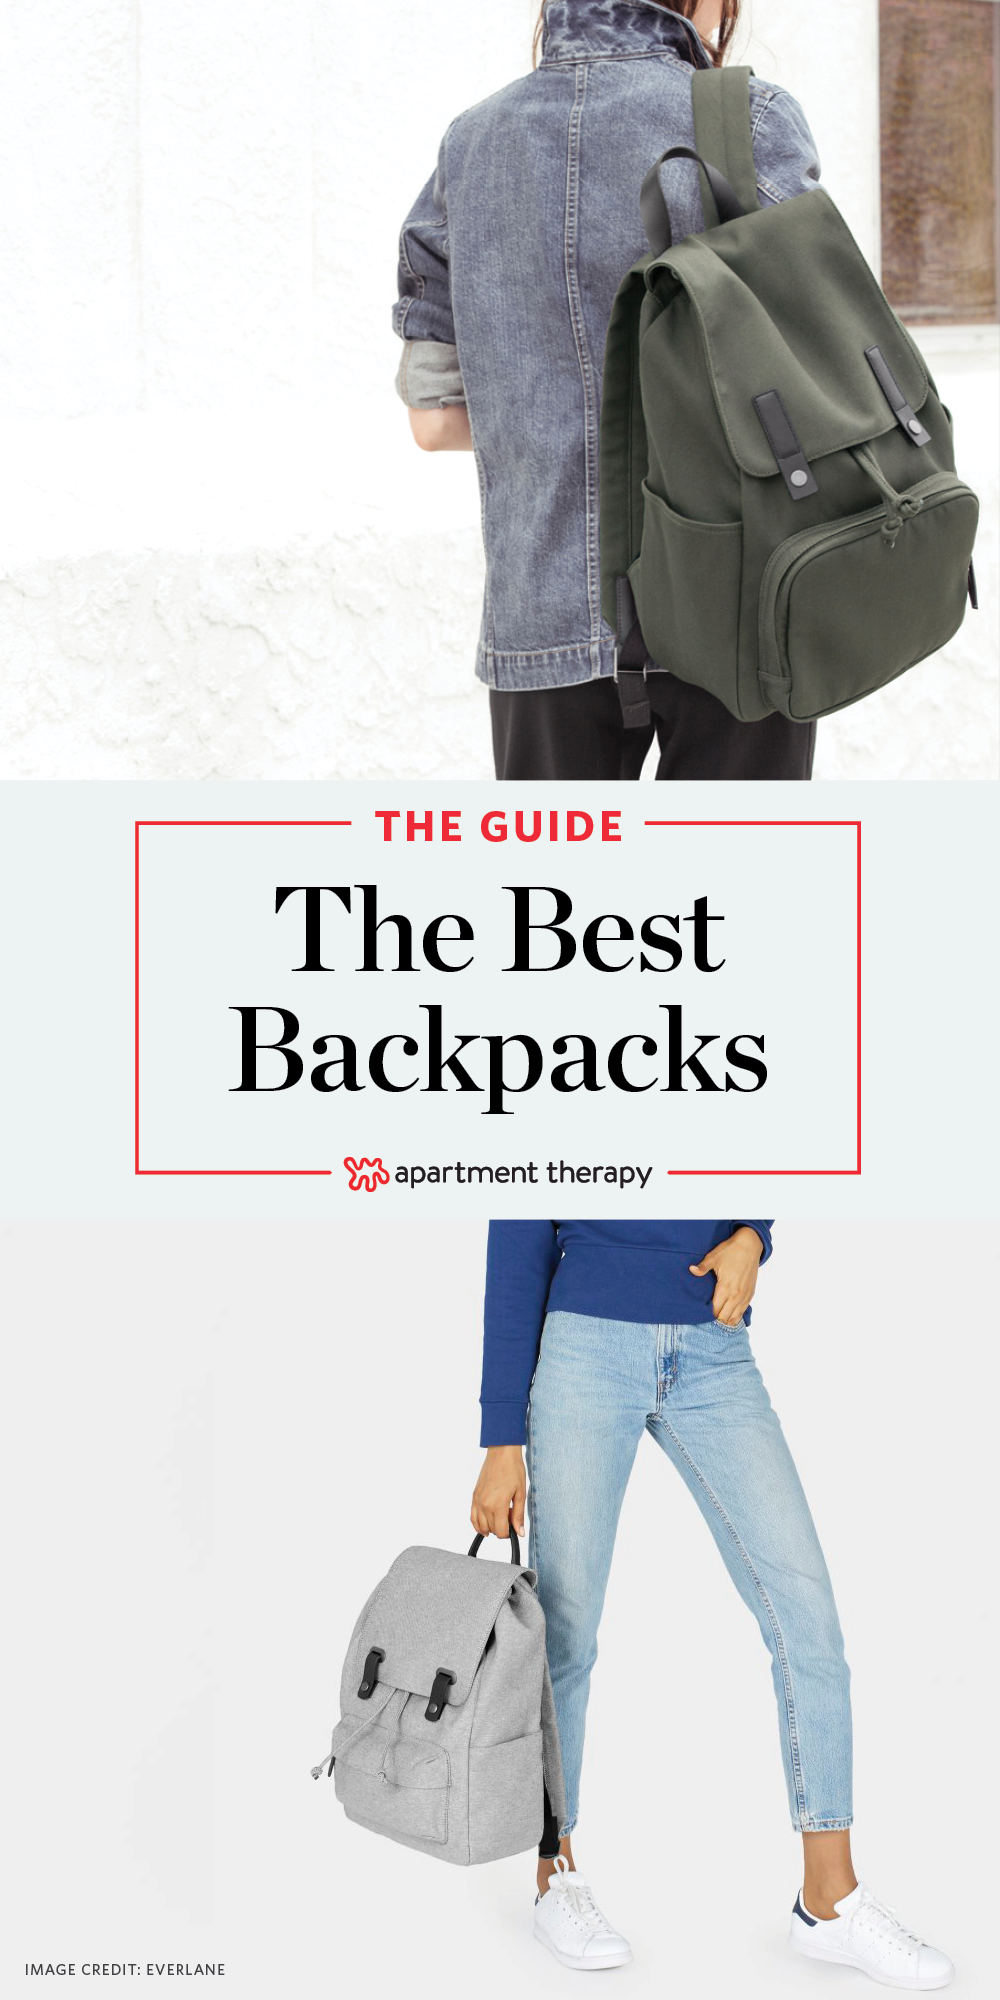 d8e7370727 The Best Backpacks